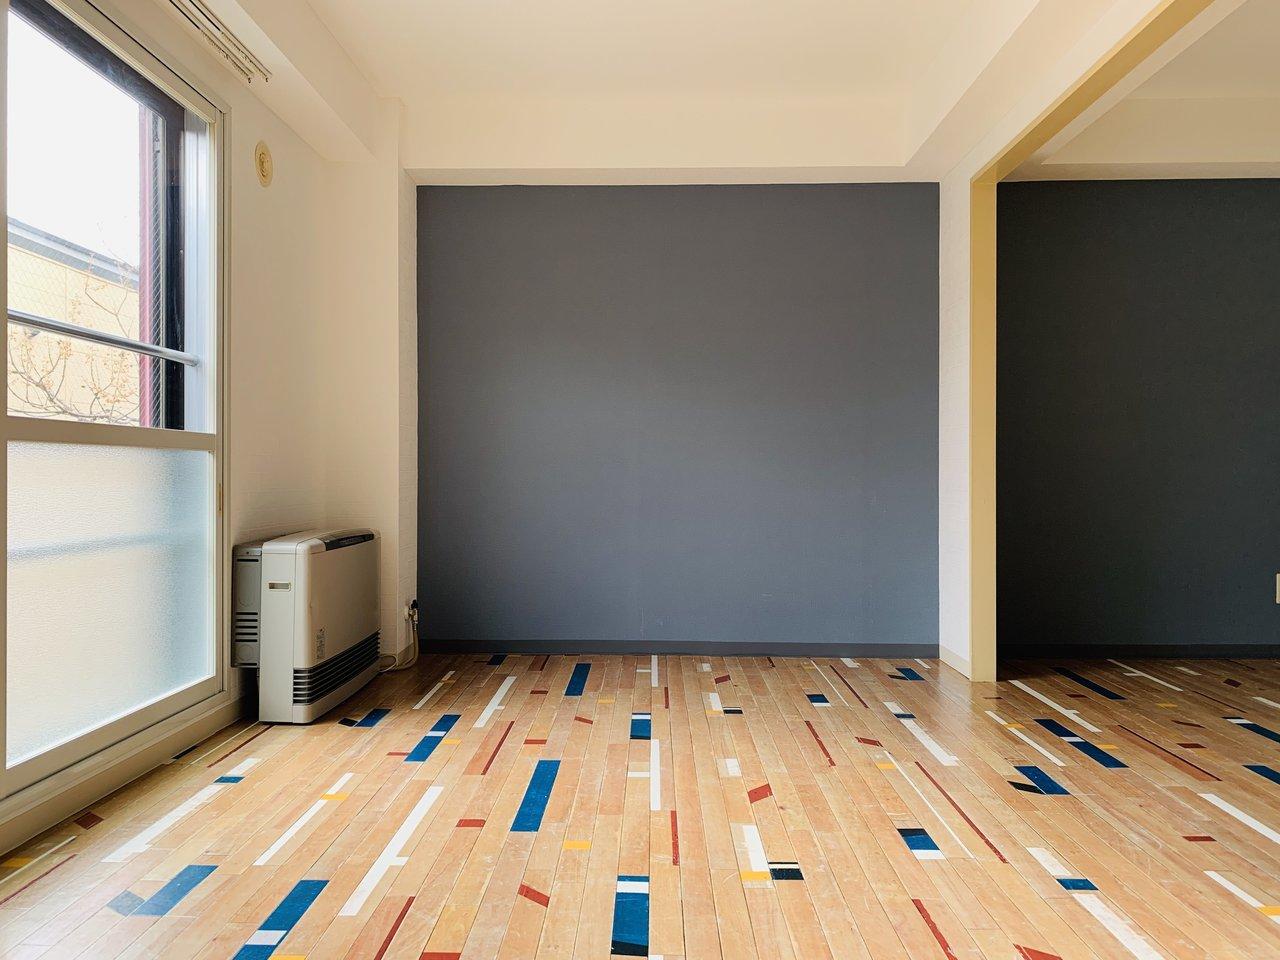 室内に入ってまず驚くのが、この床材。赤・青・白などのアクセントカラーがちりばめられていて、見た目にも明るい印象の1DKのお部屋です。その明るさを中和するかのような、落ち着いた色合いの壁紙もいいですね。